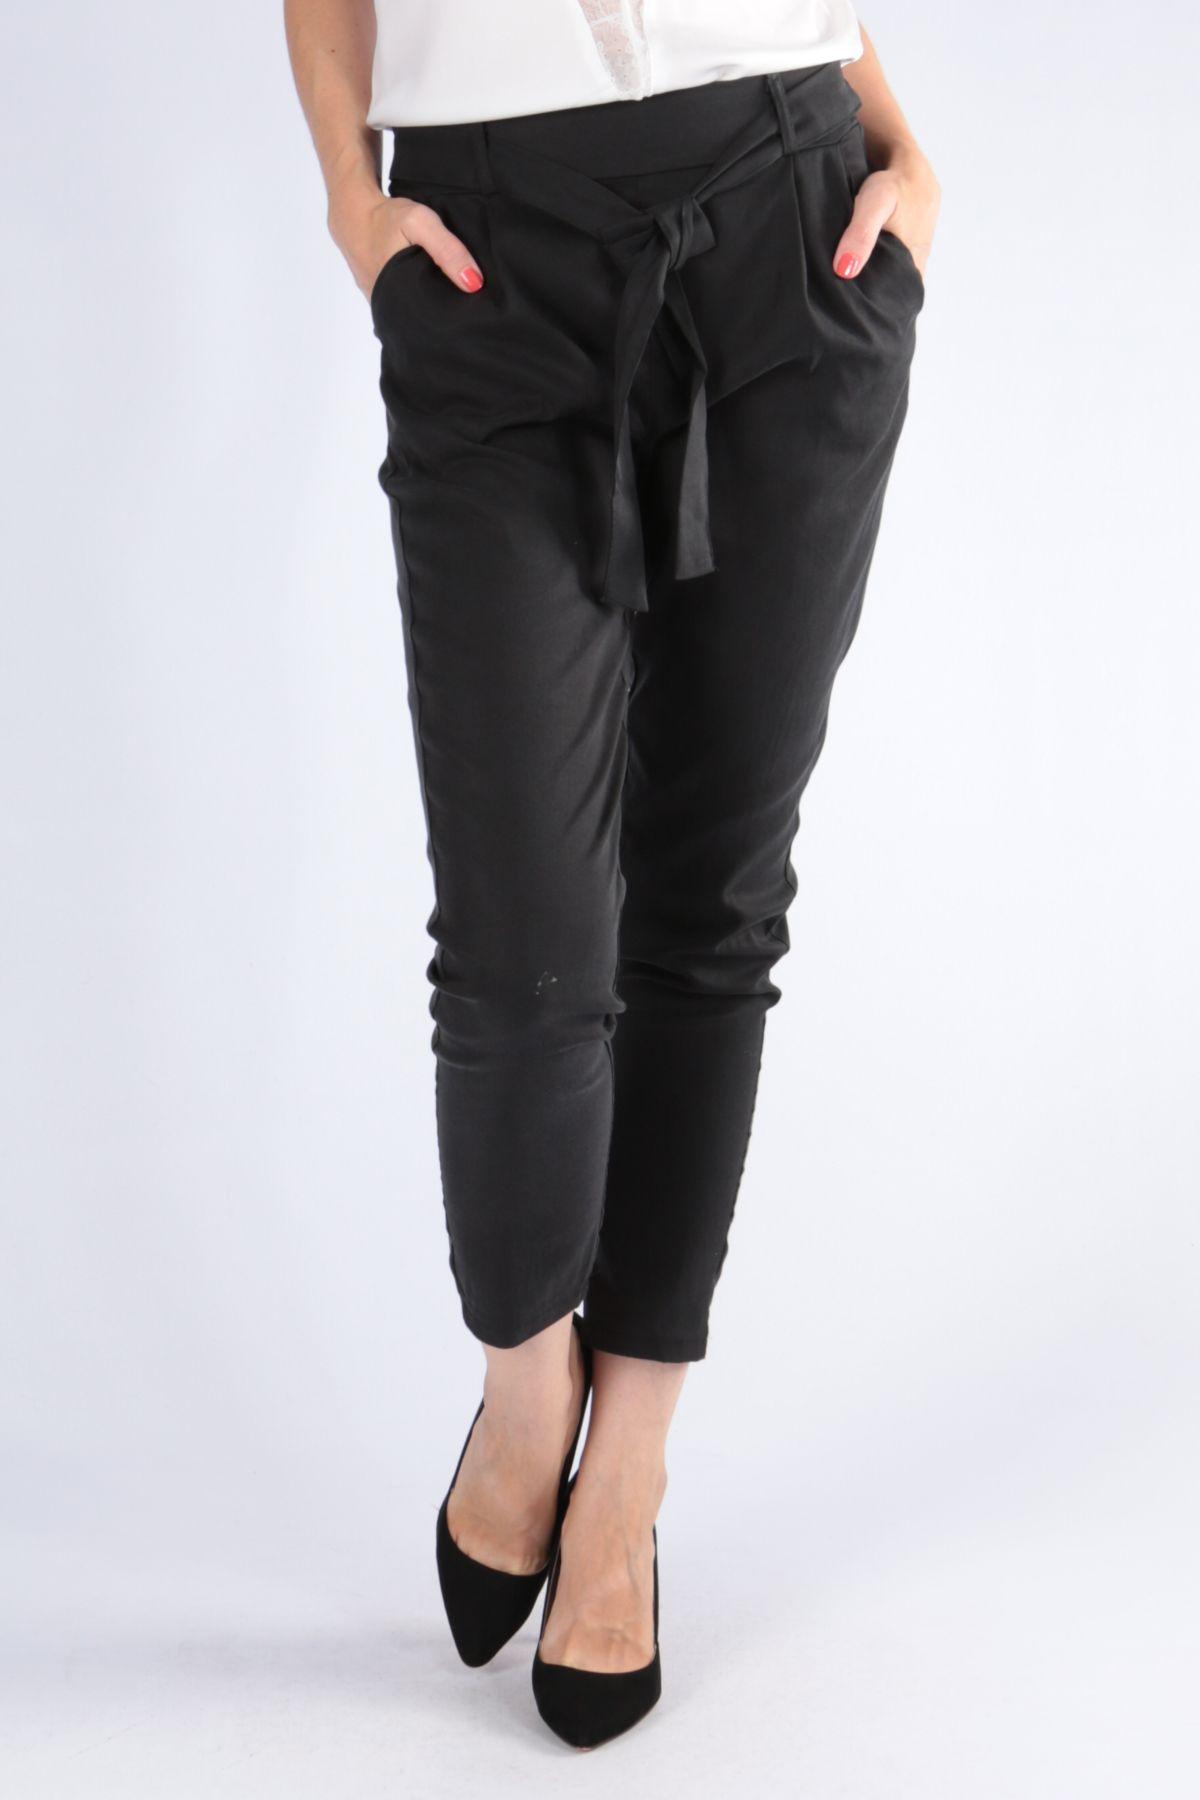 e0cef0e31a50 Dámske čierne nohavice s opaskom